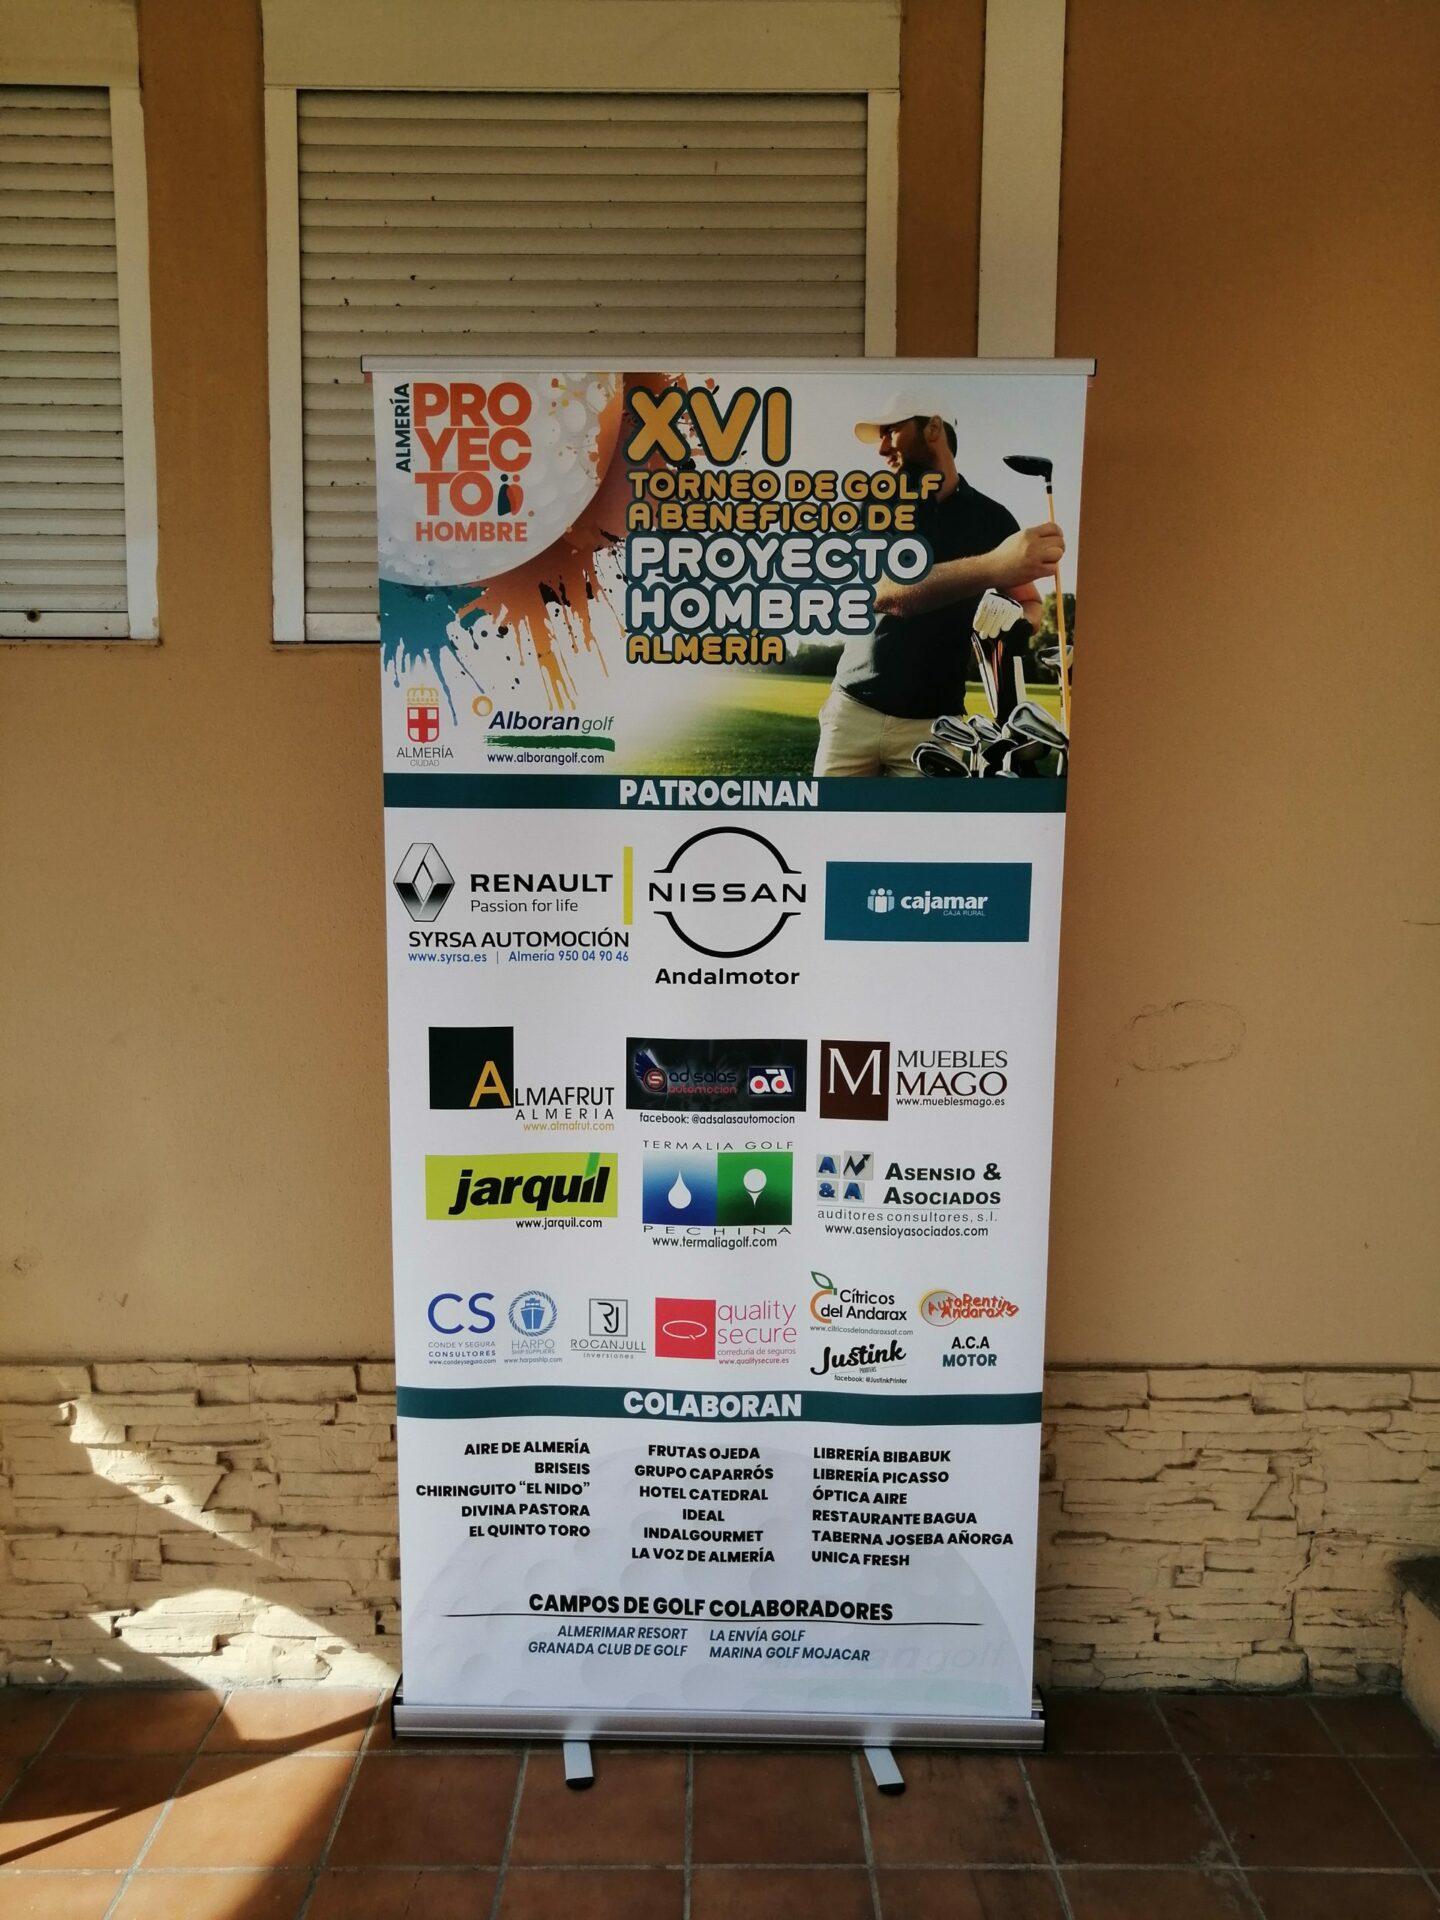 Torneo golf proyecto hombre almería